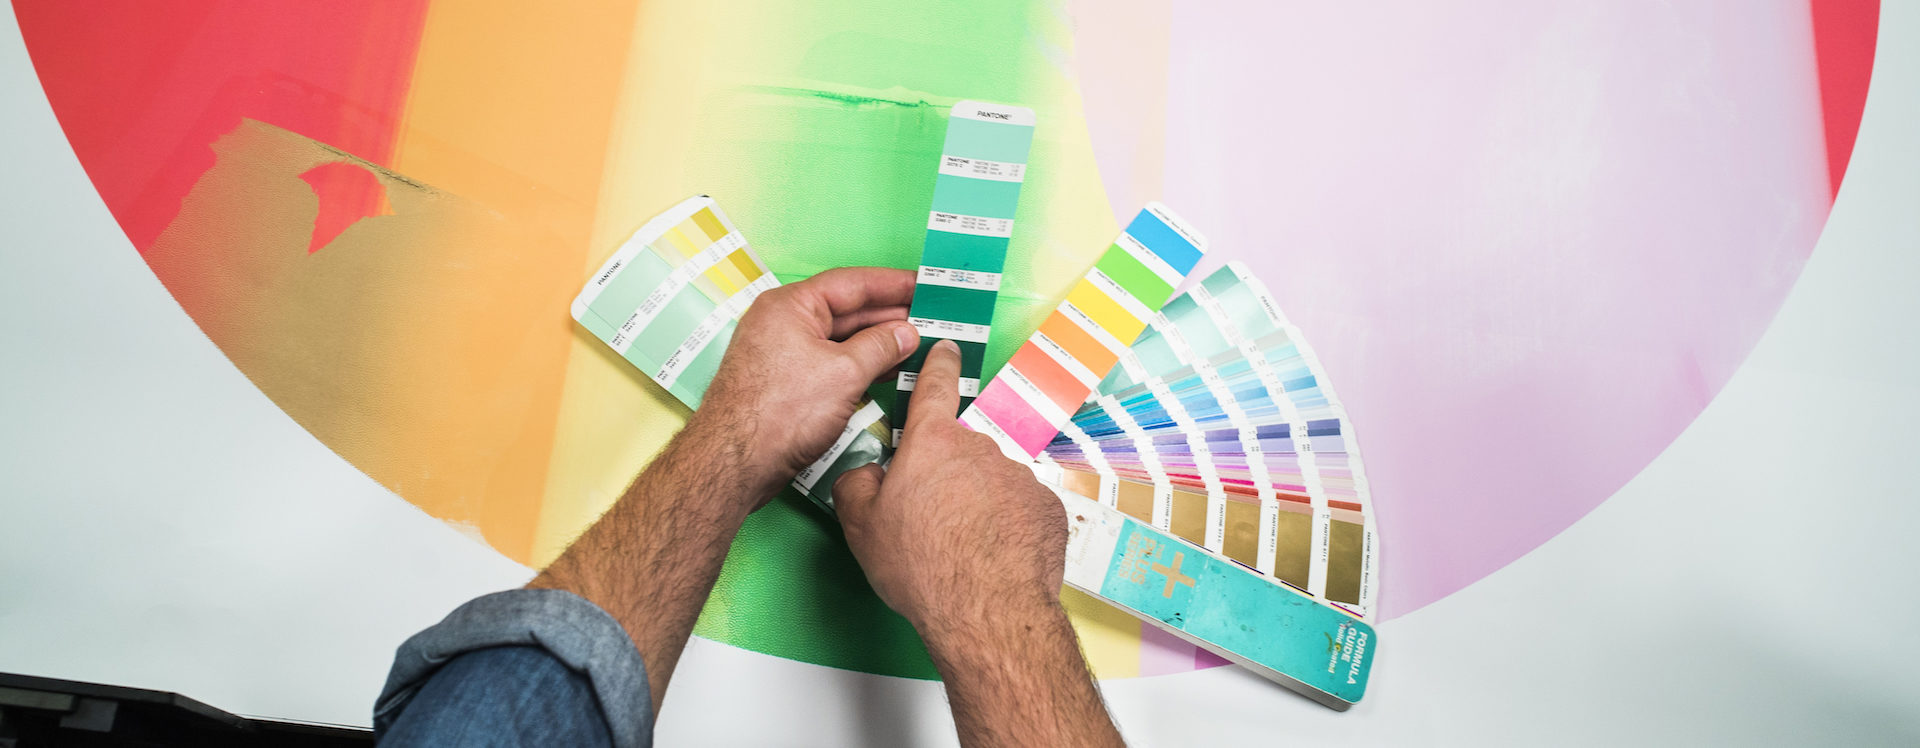 nuancier couleur au calage de l'impression de l'affiche Jazzdor 2018. Lézard Graphique, atelier de sérigraphie, Brumath.